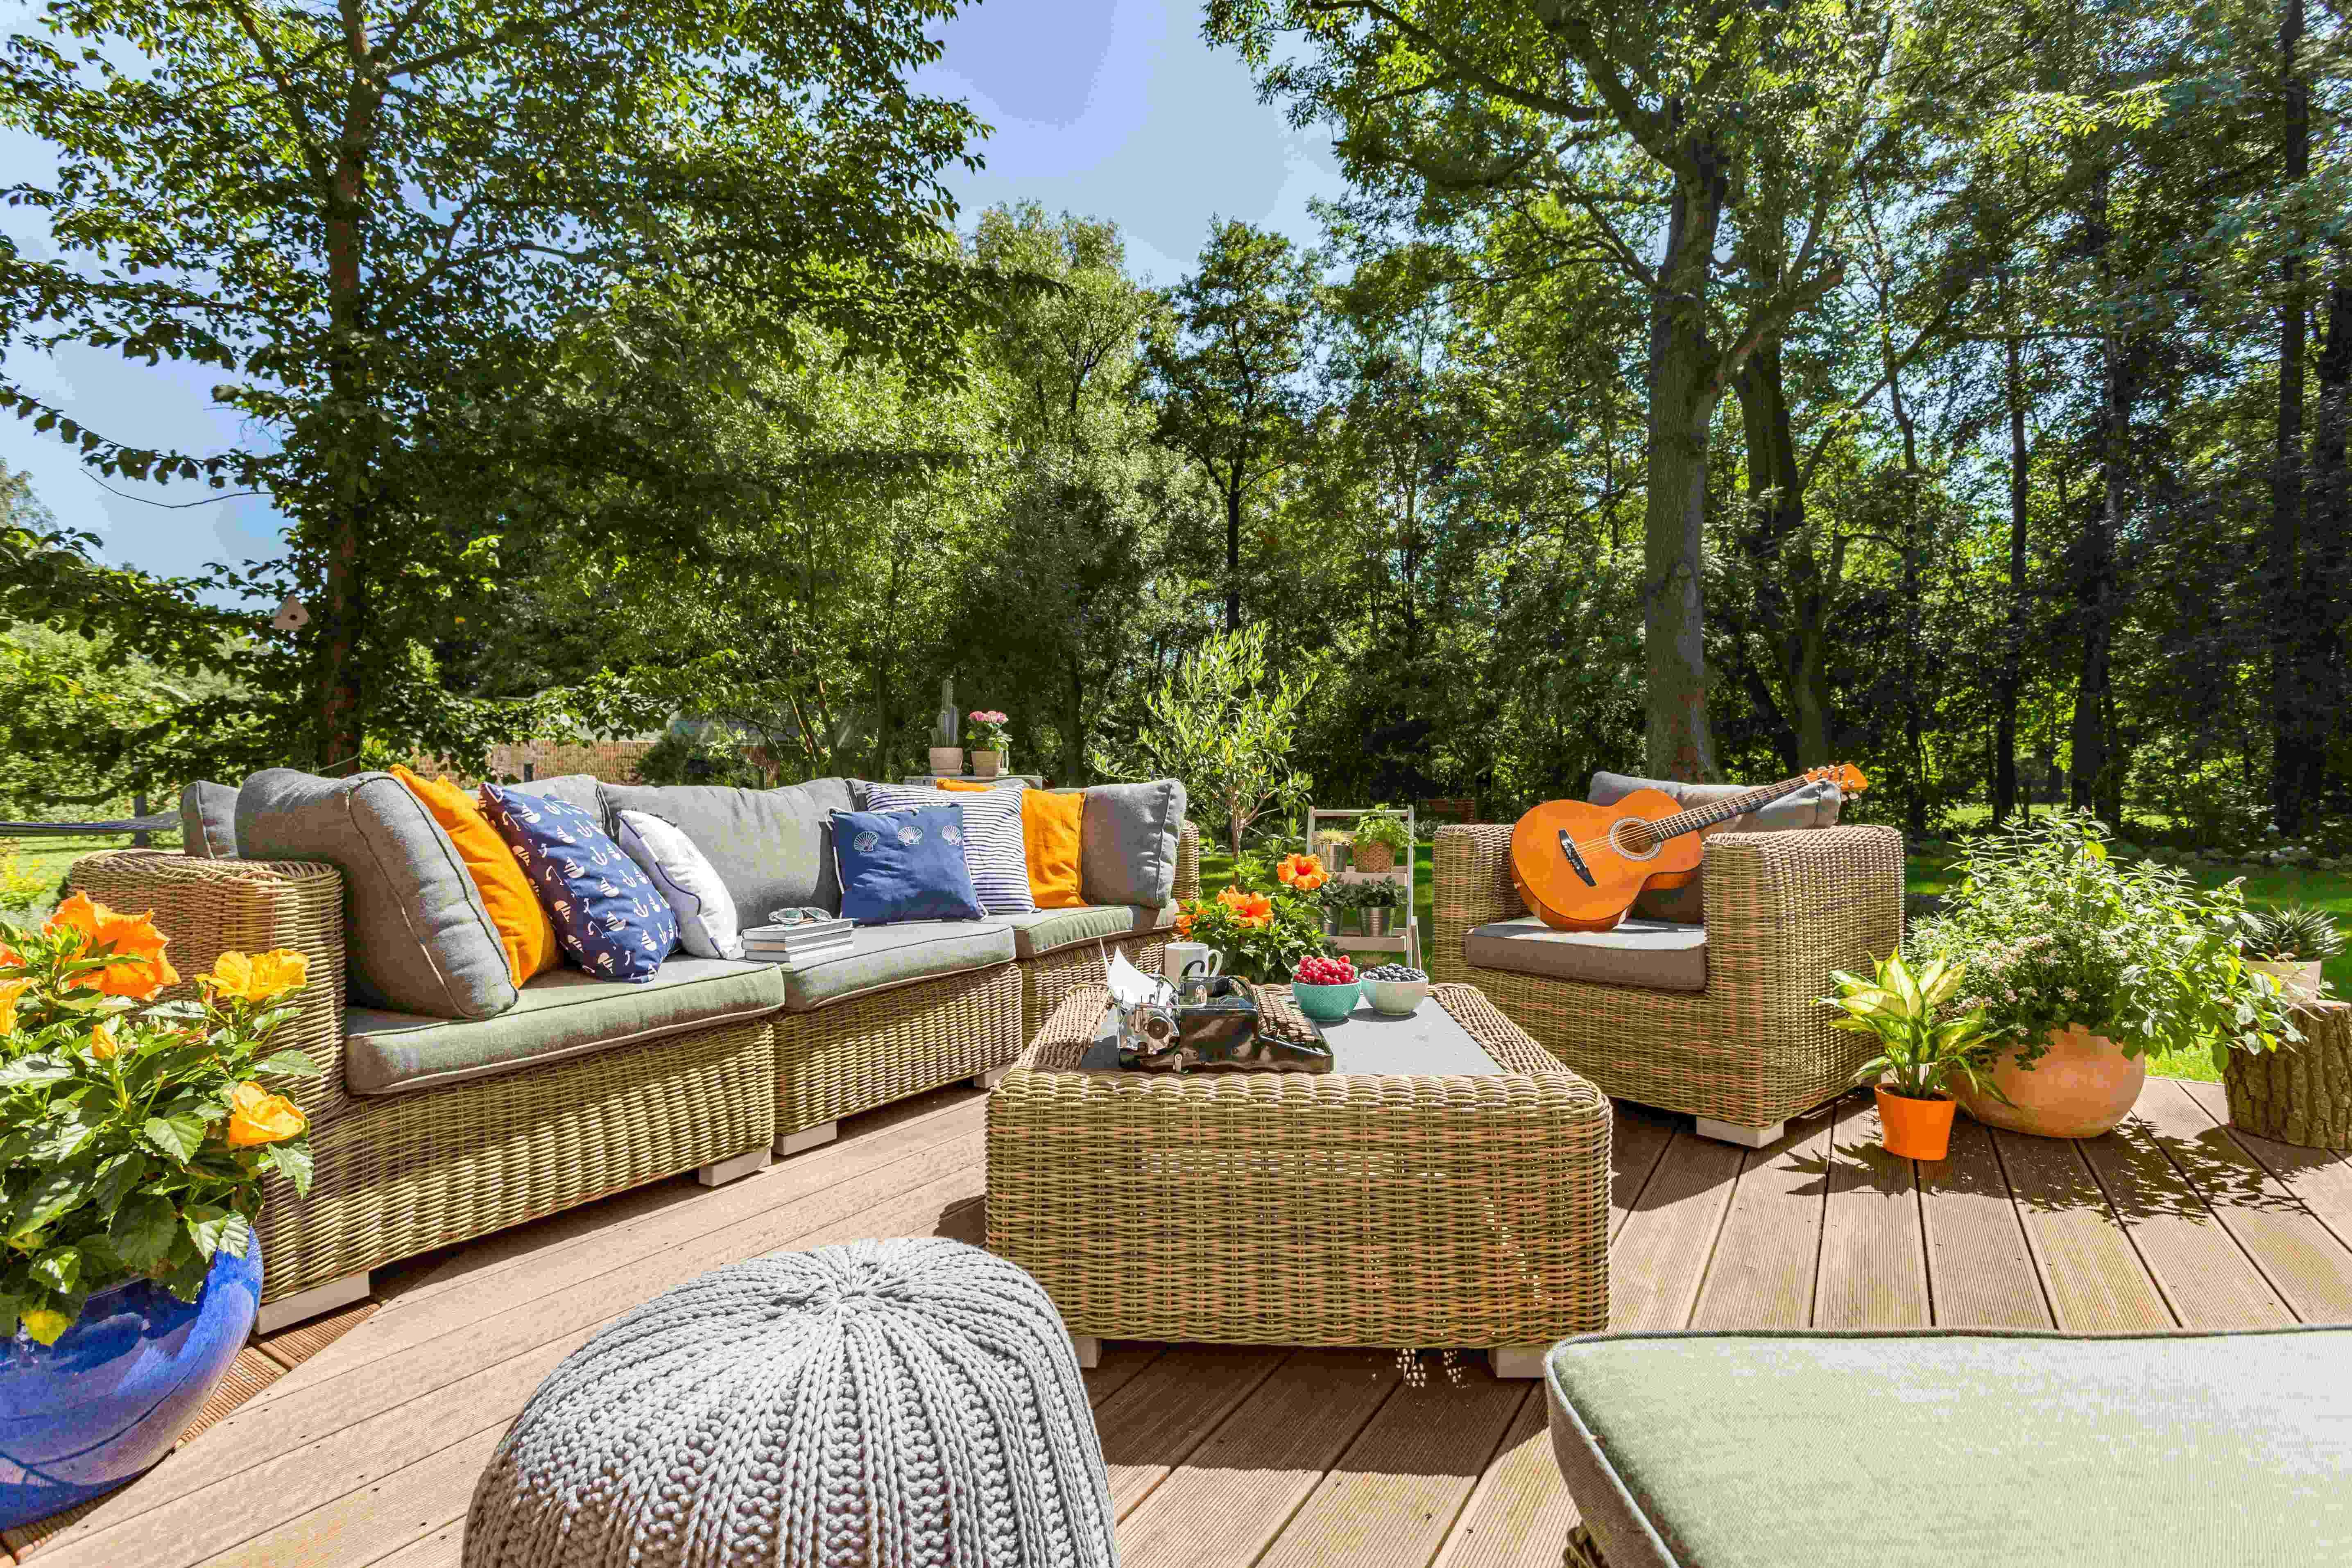 Cómo elegir el estilo y la decoración de tu jardín